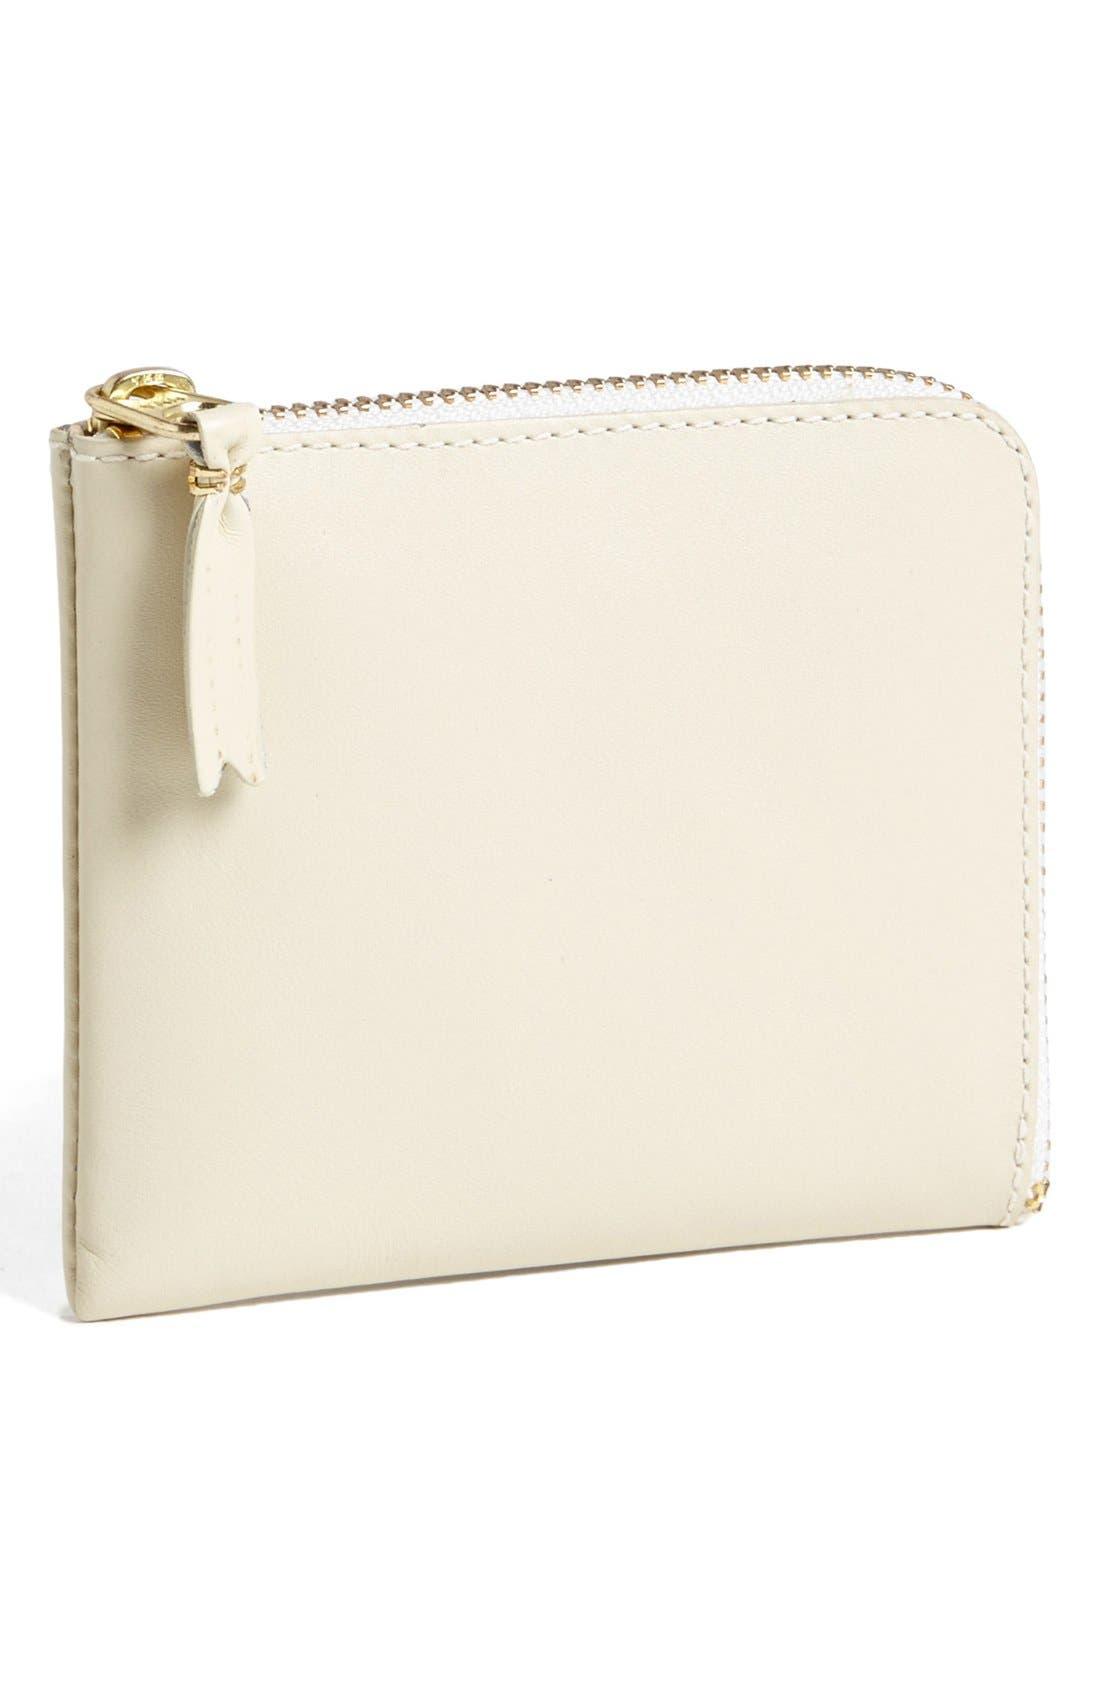 COMME DES GARÇONS, Half-Zip Leather Wallet, Main thumbnail 1, color, 110